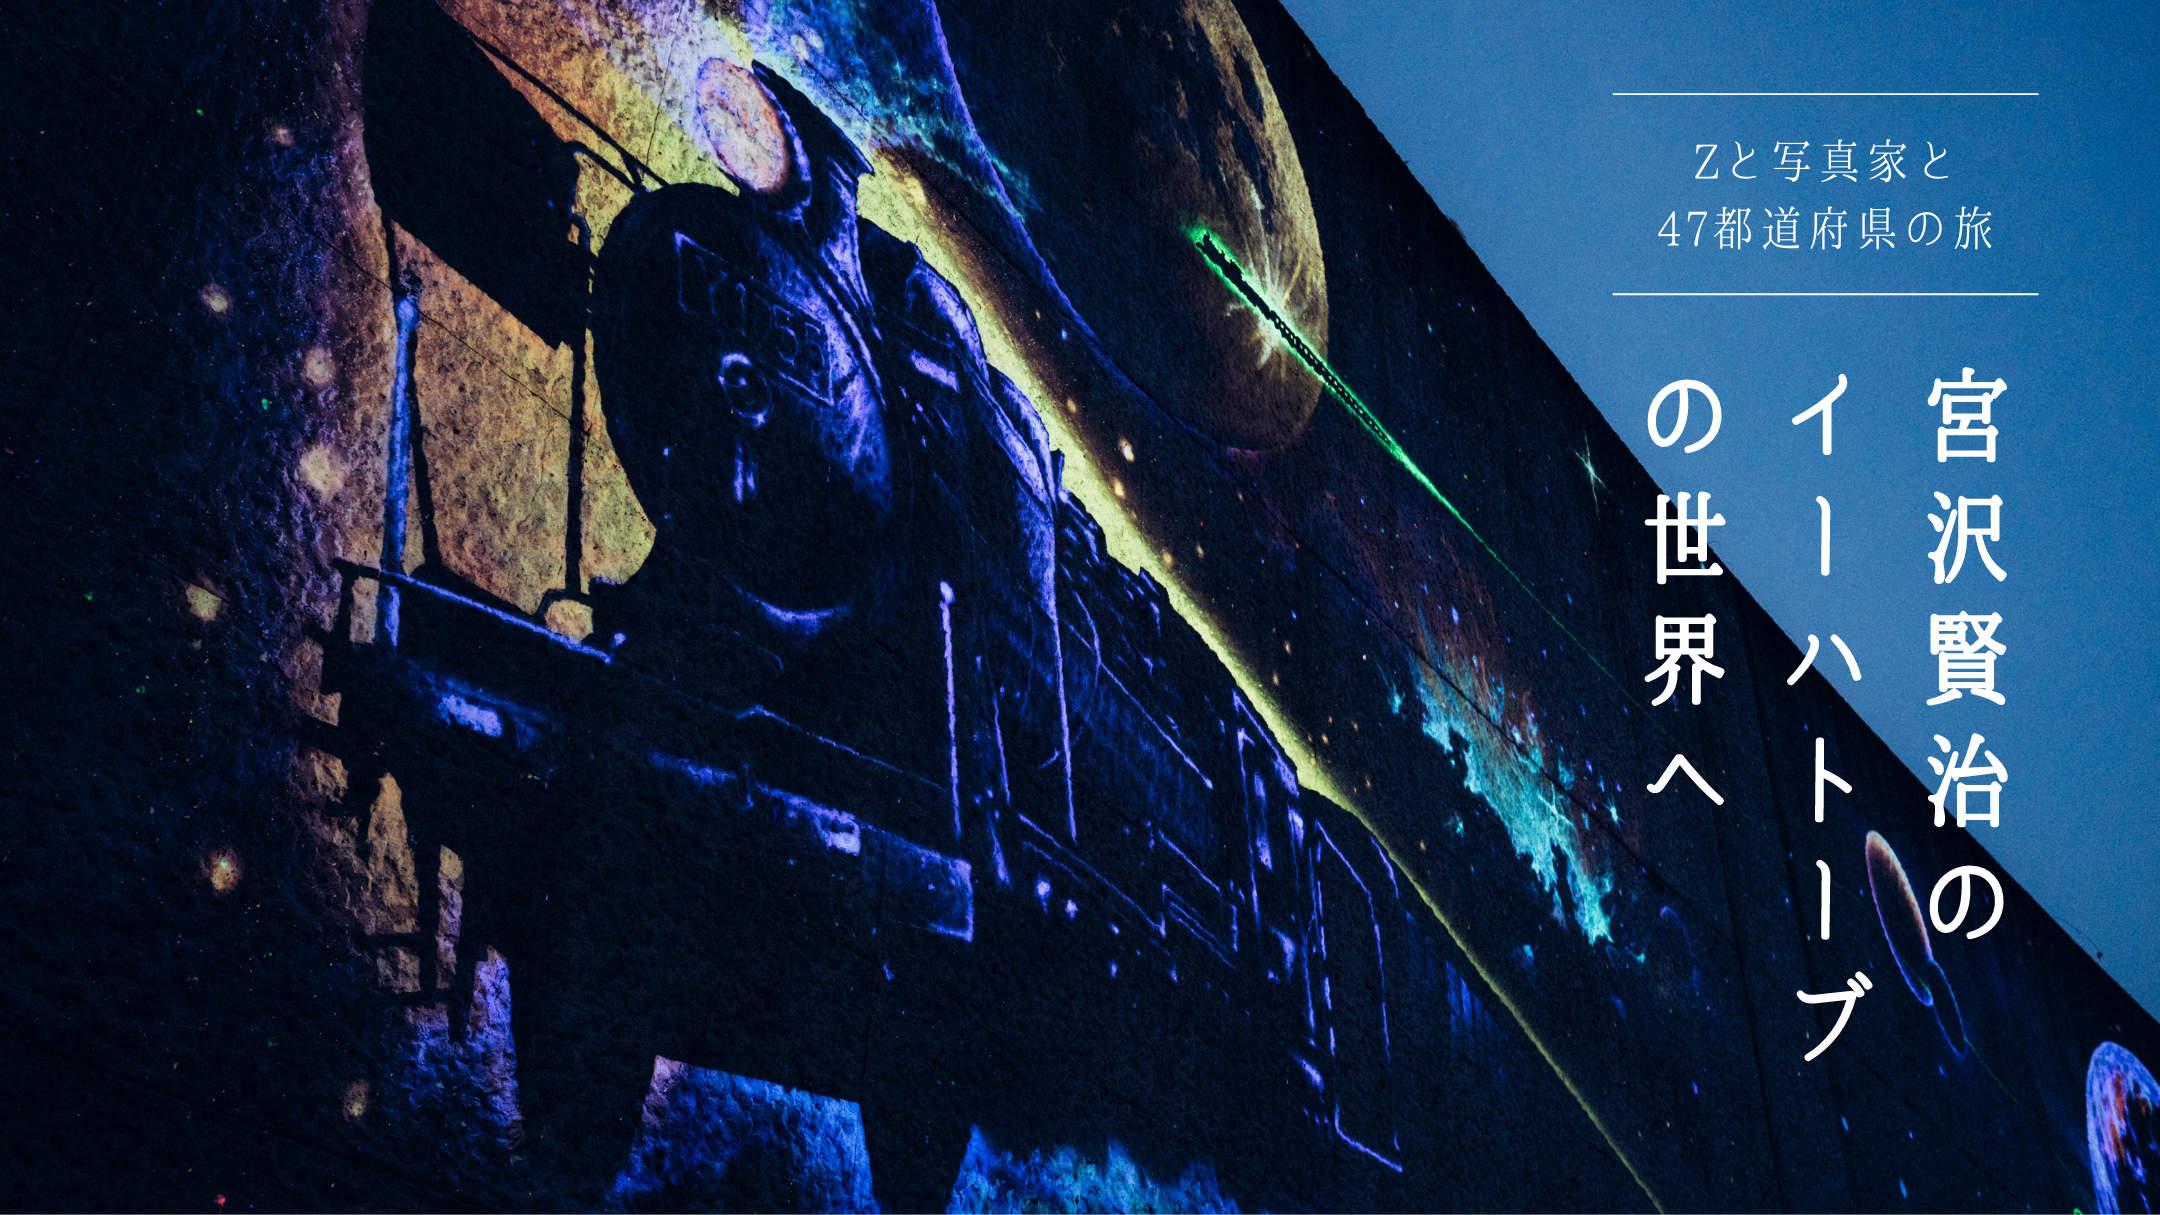 【岩手】宮沢賢治童話の聖地巡礼旅。理想郷「イーハトーブ」を目指して冬の花巻へ